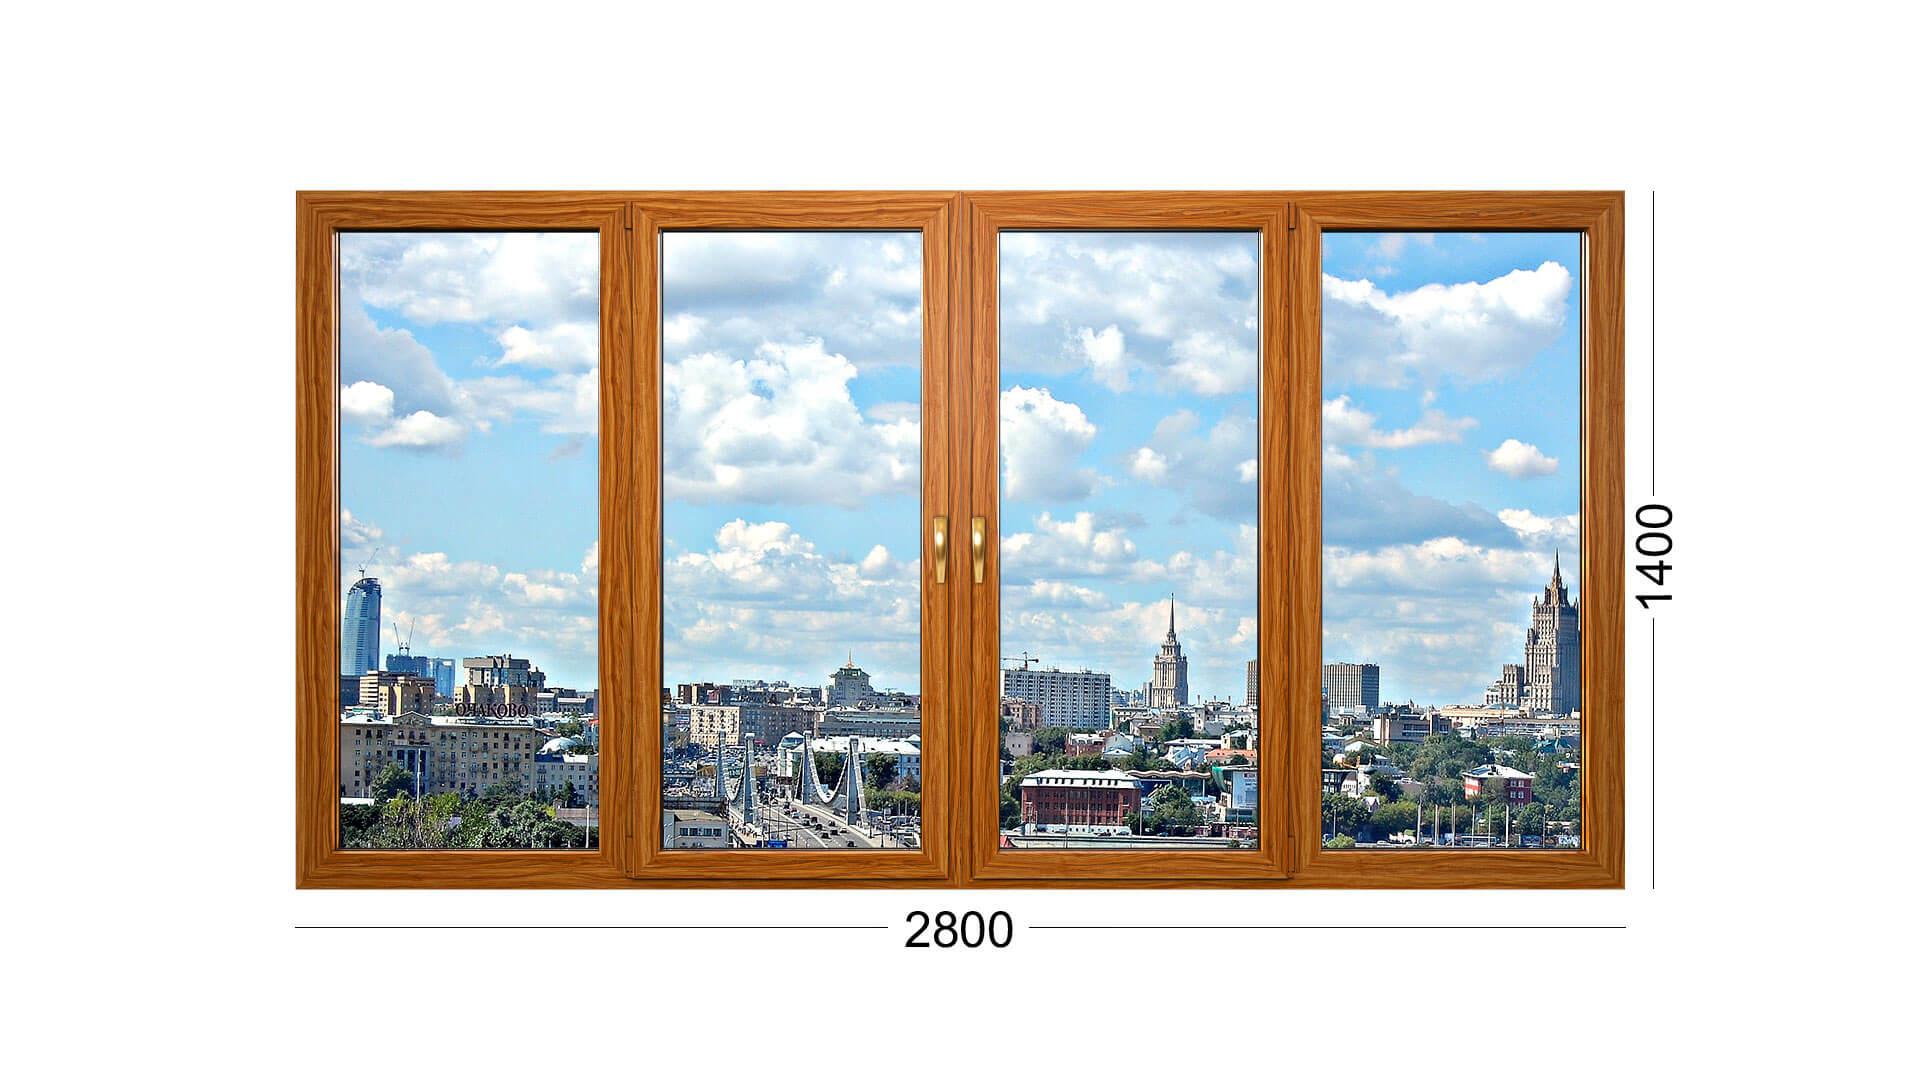 Фото балкона П-30 с деревянными окнами ИНВУД, цвет дуб. Остекление лоджии